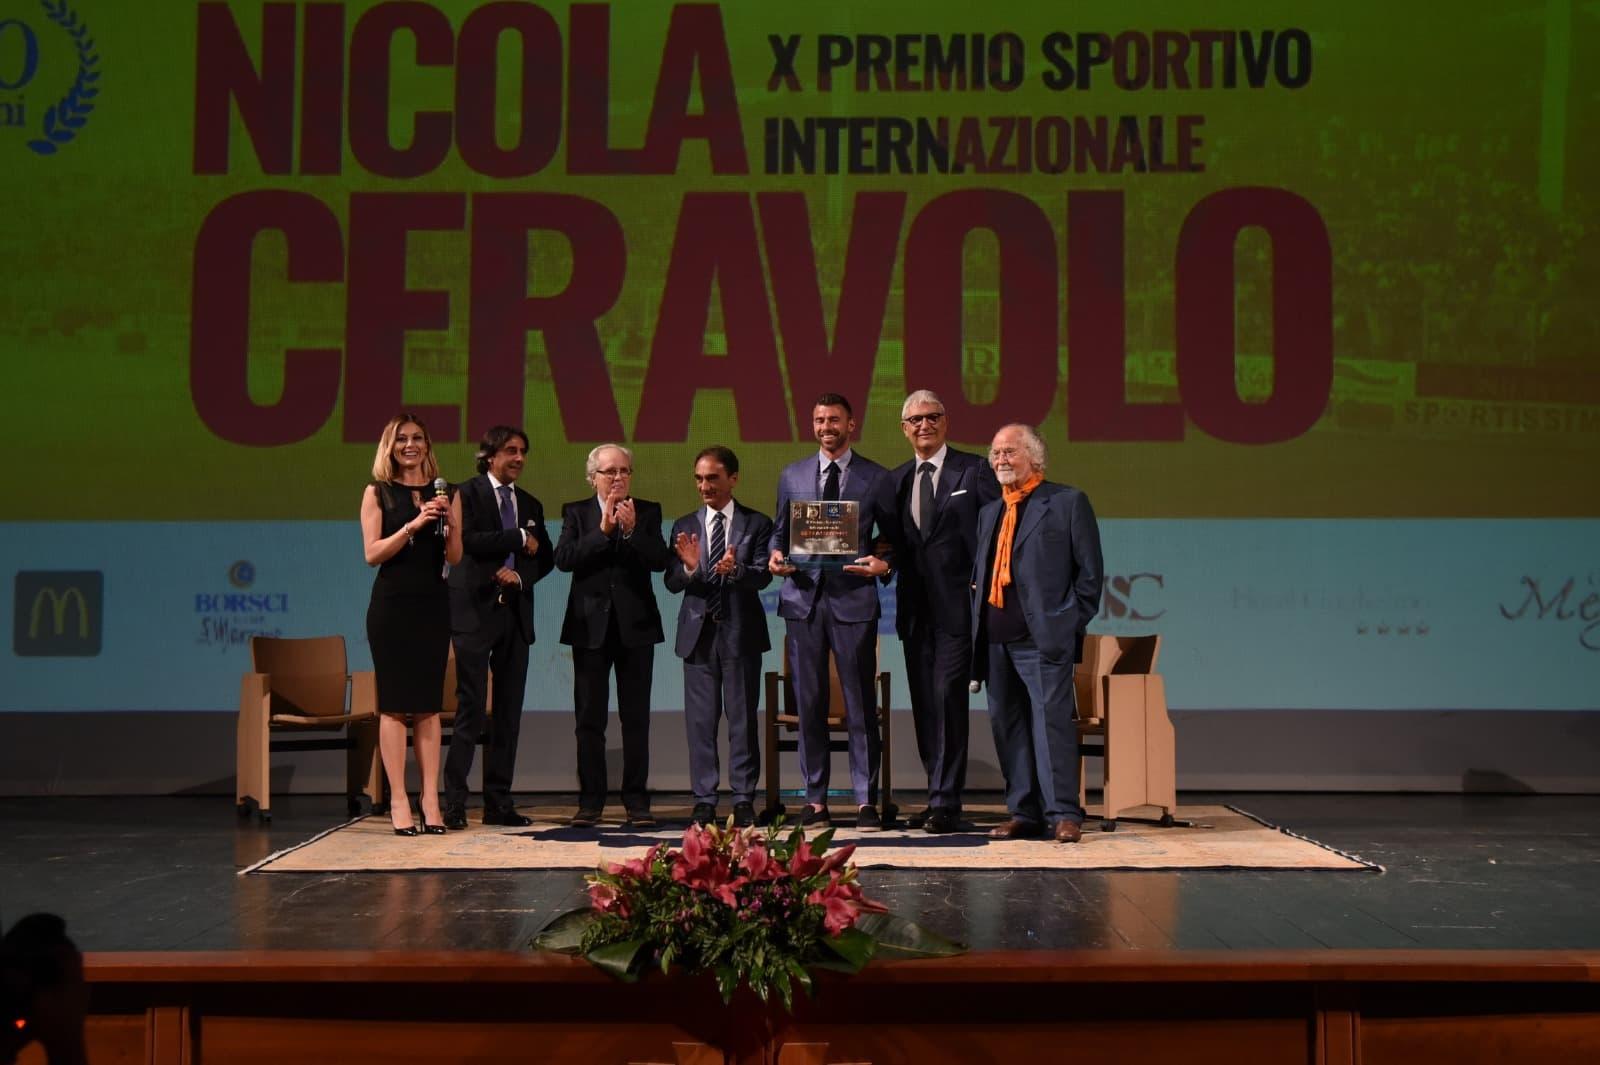 """Il presidente Noto ha premiato Barzagli nella X edizione del """"Premio Ceravolo"""""""